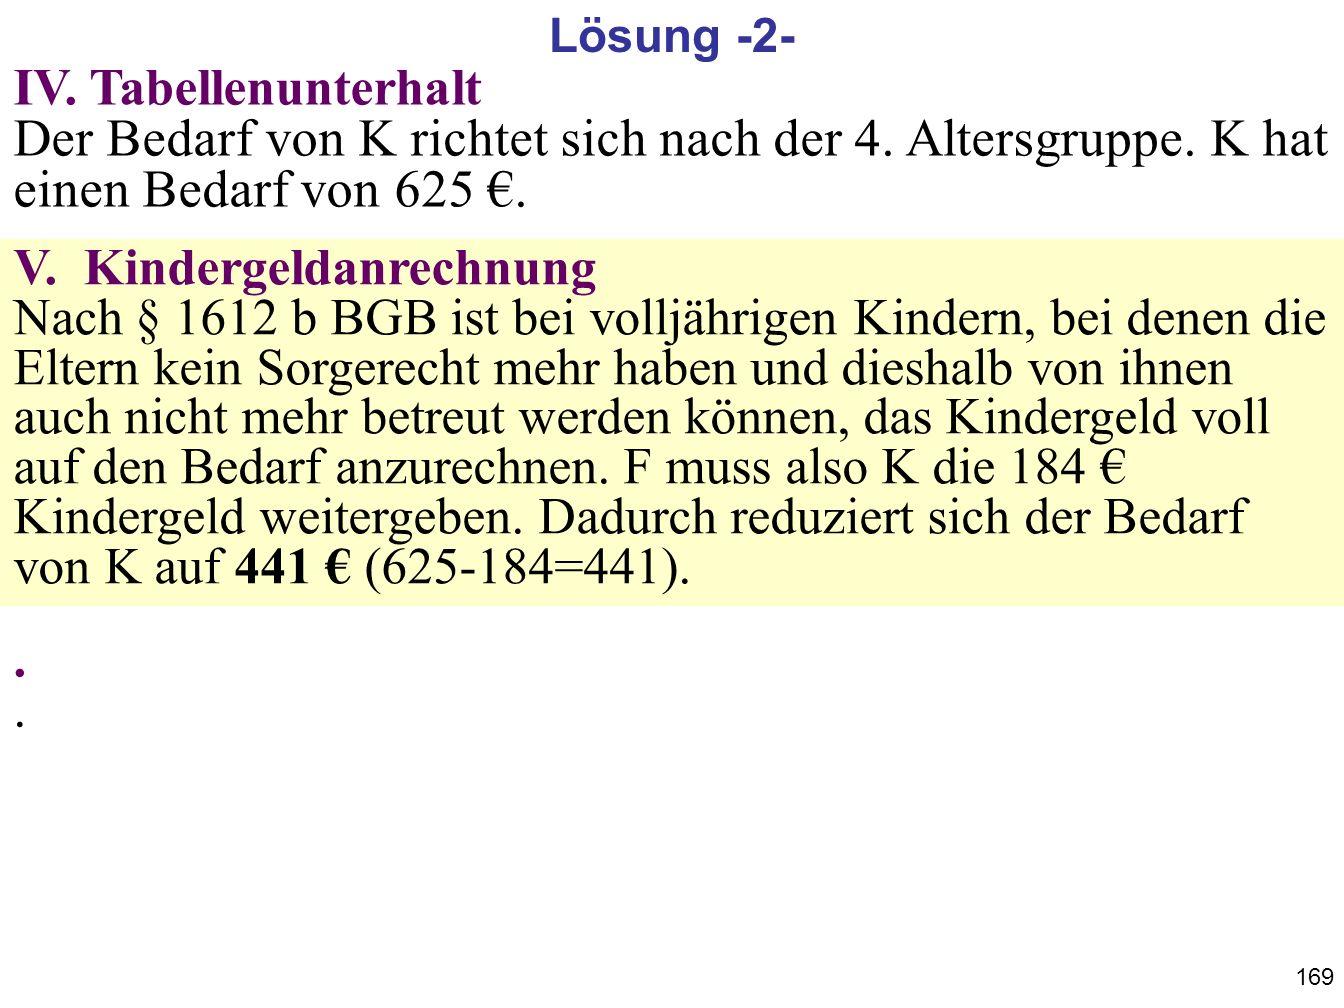 169 IV. Tabellenunterhalt Der Bedarf von K richtet sich nach der 4. Altersgruppe. K hat einen Bedarf von 625. V. Kindergeldanrechnung Nach § 1612 b BG